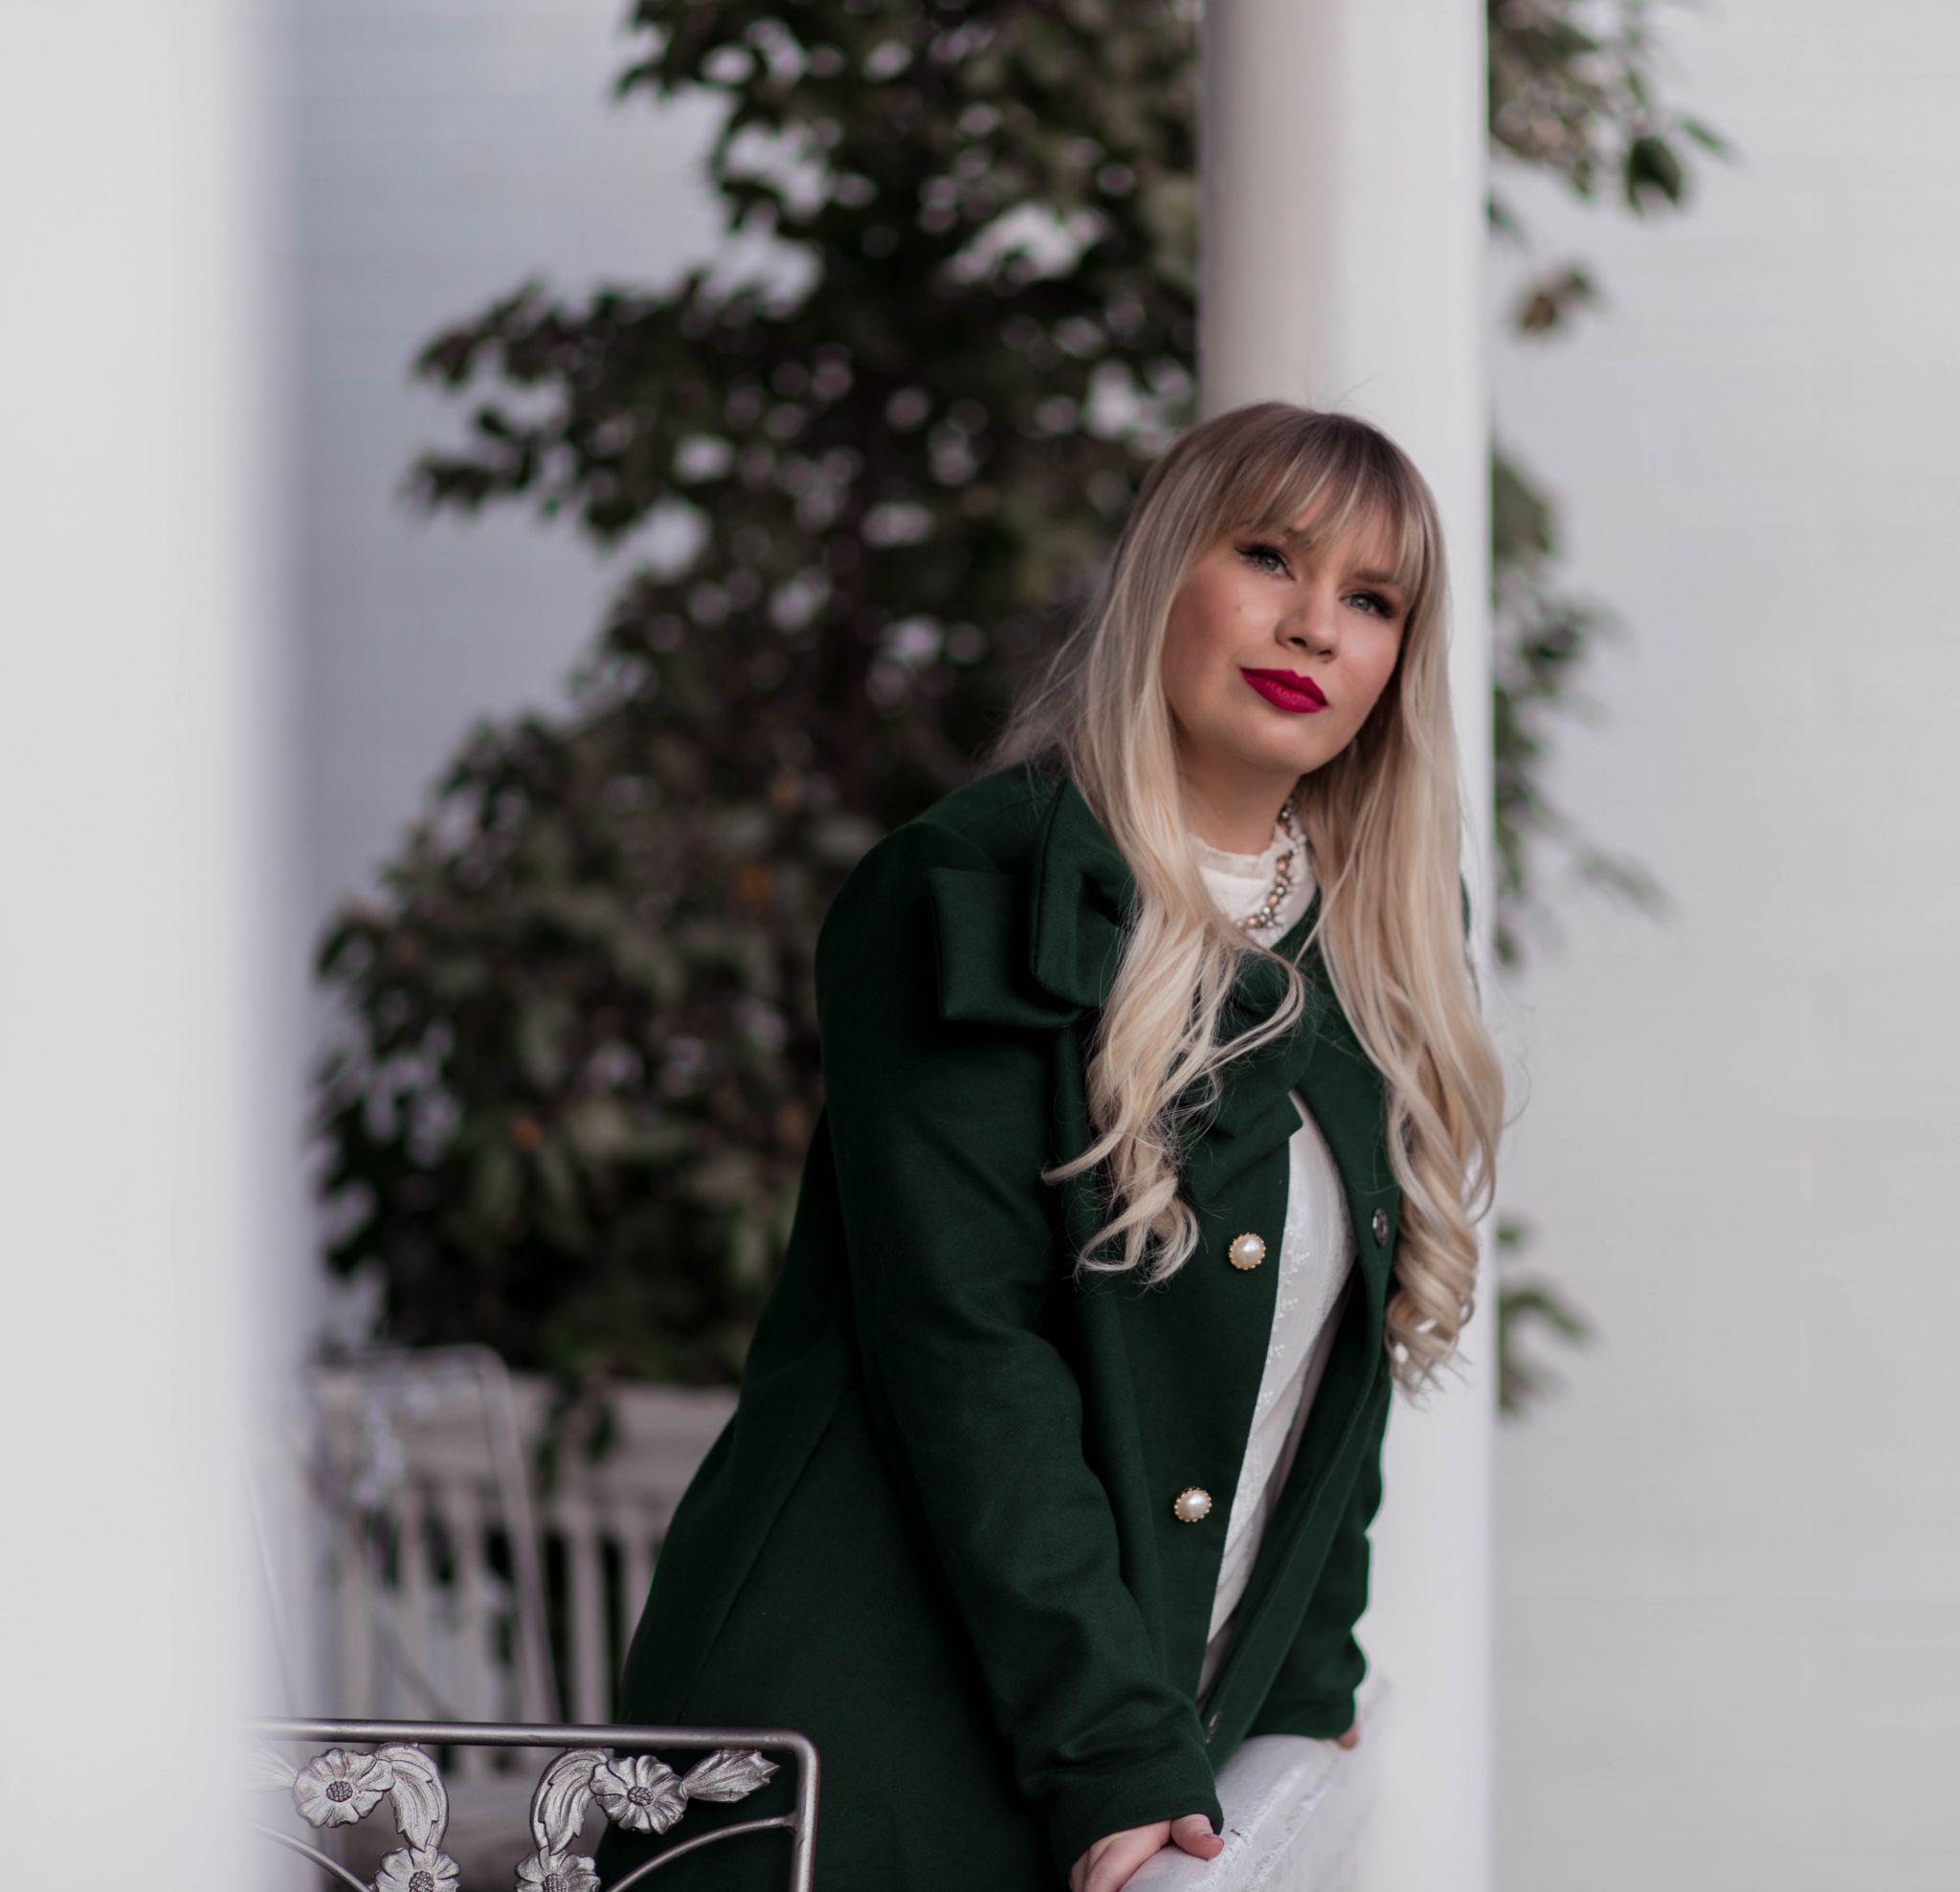 Elizabeth Hugen from Lizzie in Lace wears a green winter coat